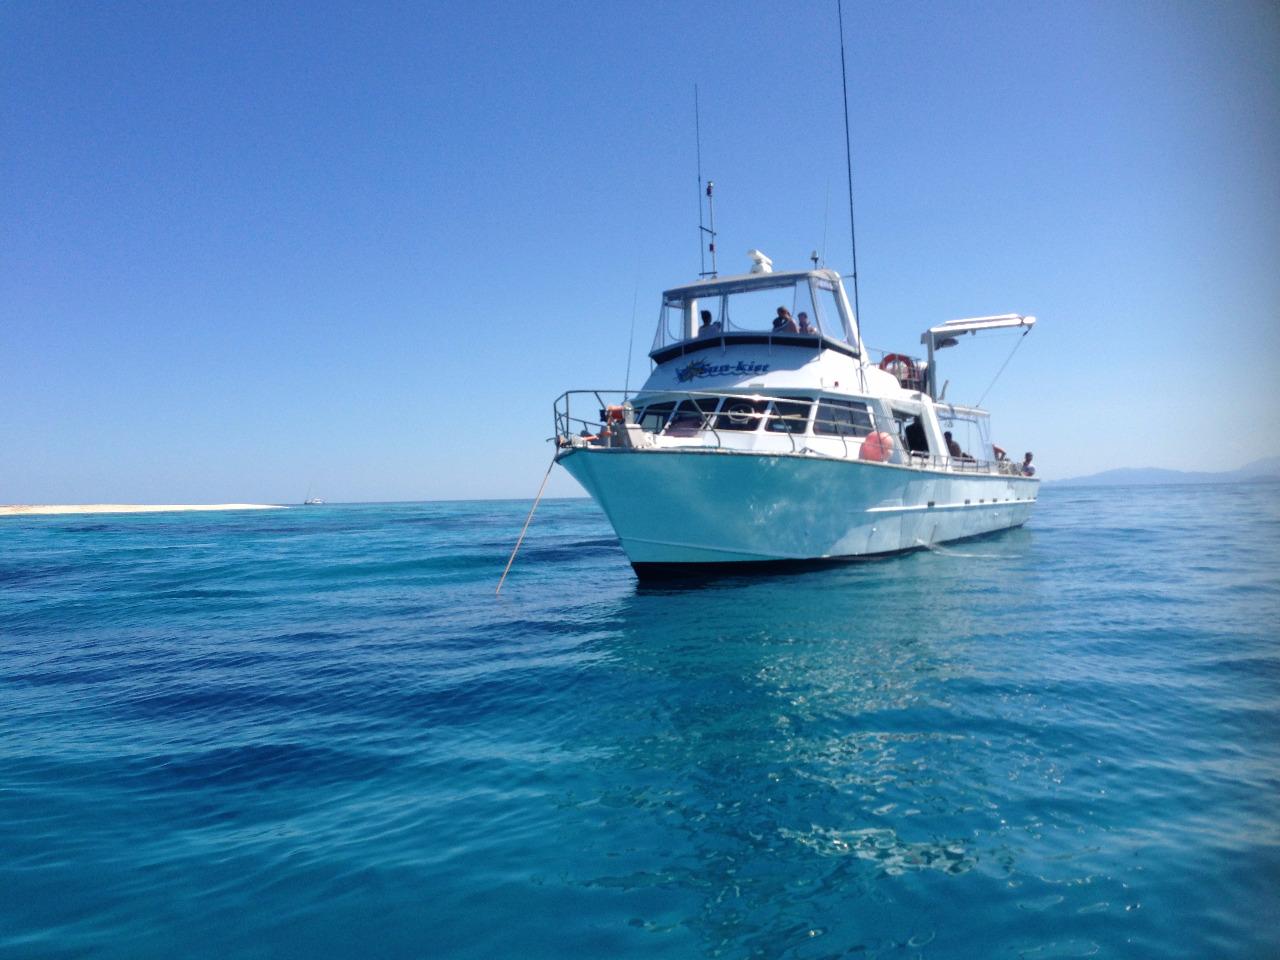 Cairns Scuba Dive Training Centre